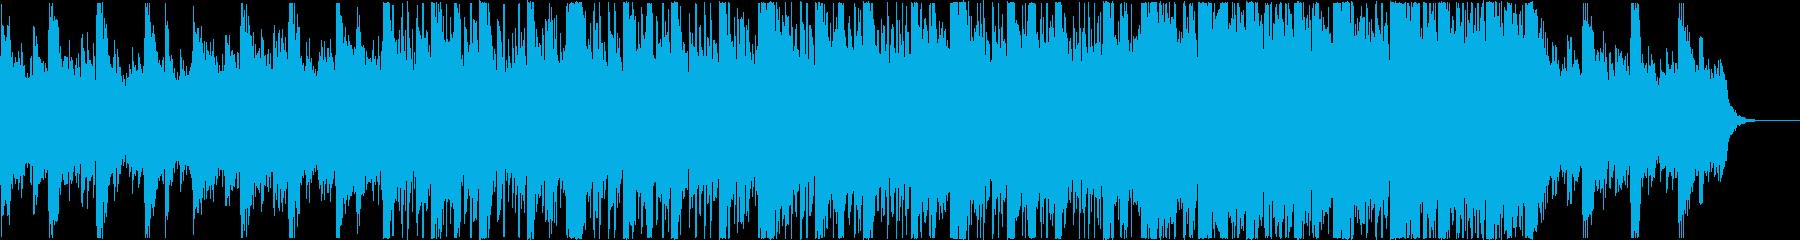 物憂げな日常の雰囲気のエレクトロの再生済みの波形